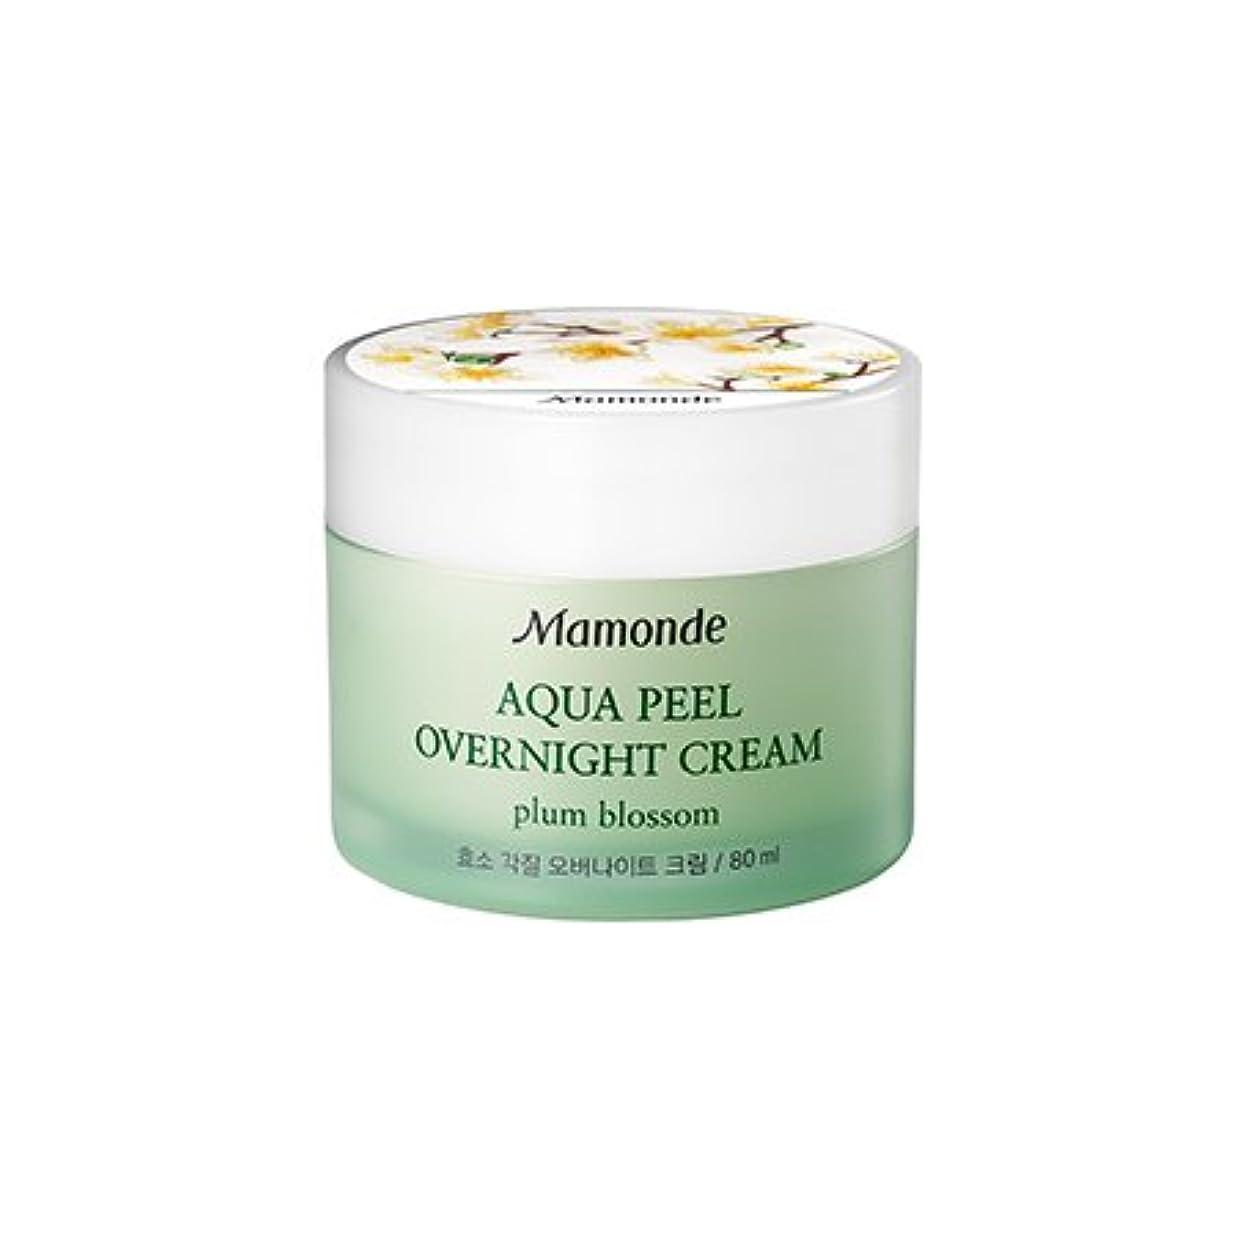 脱走沼地あいまいなMamonde Aqua Peel Overnight Cream 80ml/マモンド アクア ピール オーバーナイト クリーム 80ml [並行輸入品]